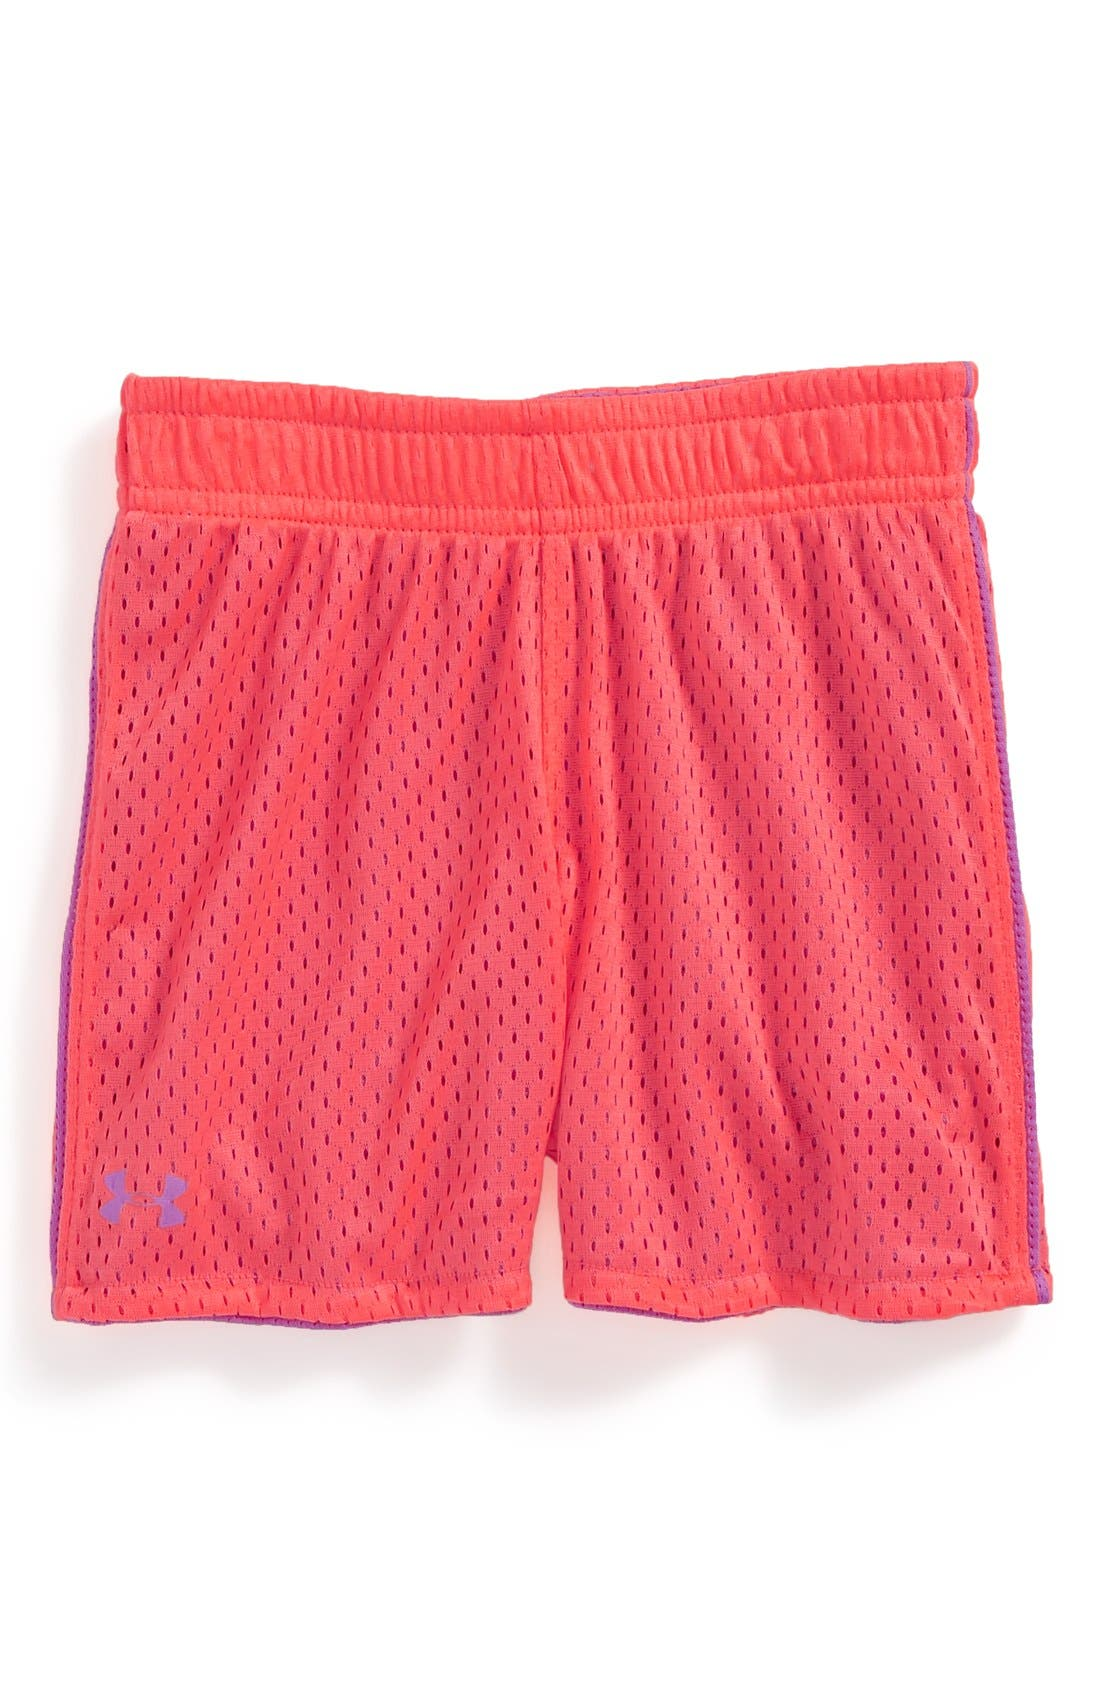 Main Image - Under Armour Reversible Mesh Shorts (Toddler Girls)